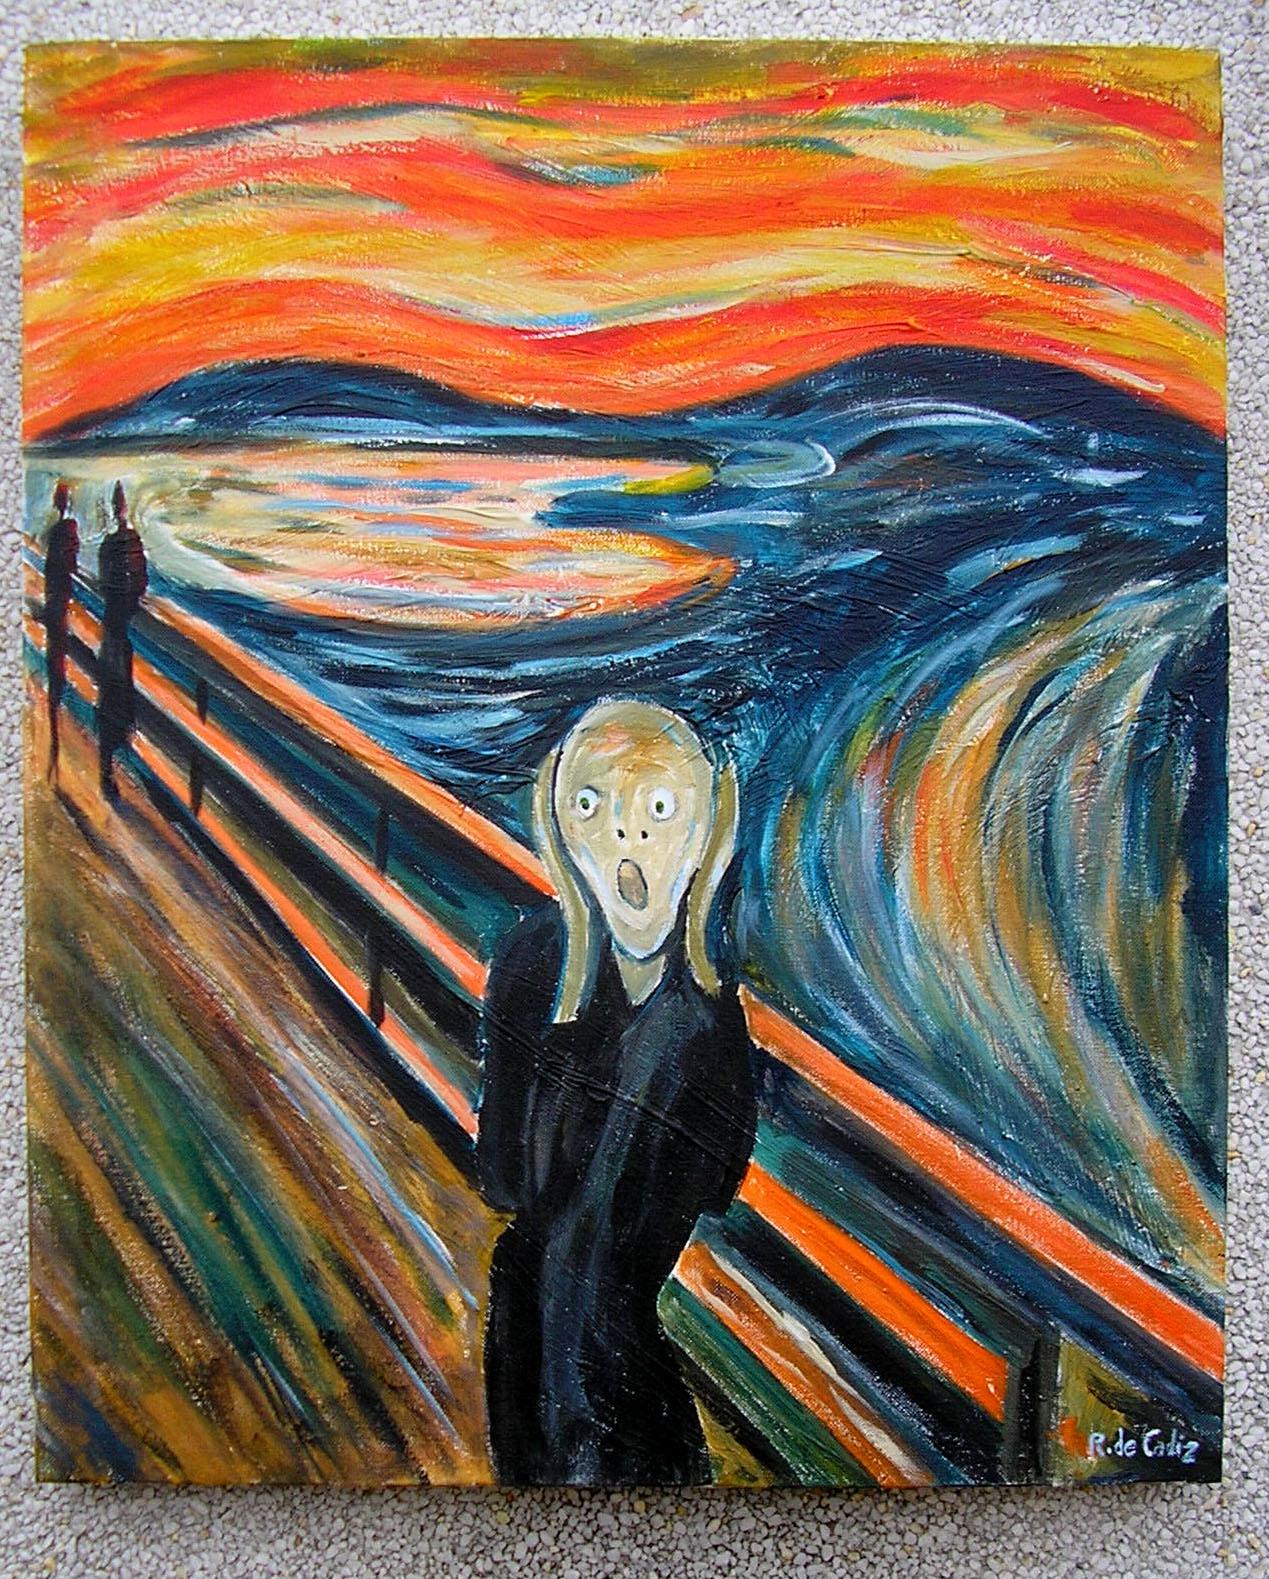 Galeria Pinturas De Arte: Movimientos Esteticos Del Siglo XIX Y XX: Abril 2011